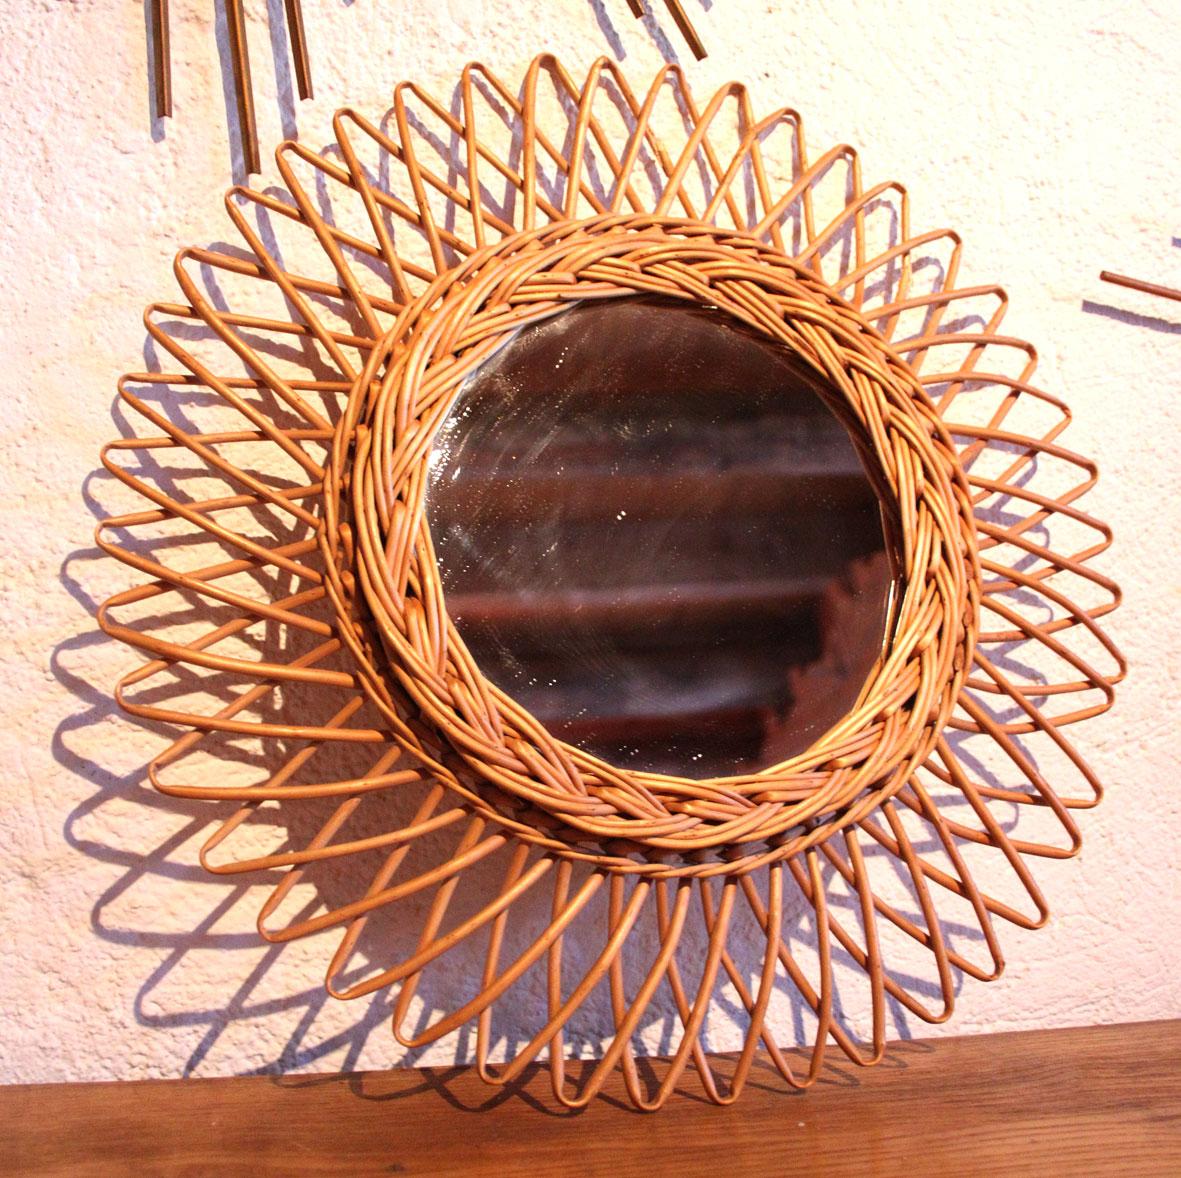 chicbaazar objets vintage 50 60 70 miroir osier soleil. Black Bedroom Furniture Sets. Home Design Ideas